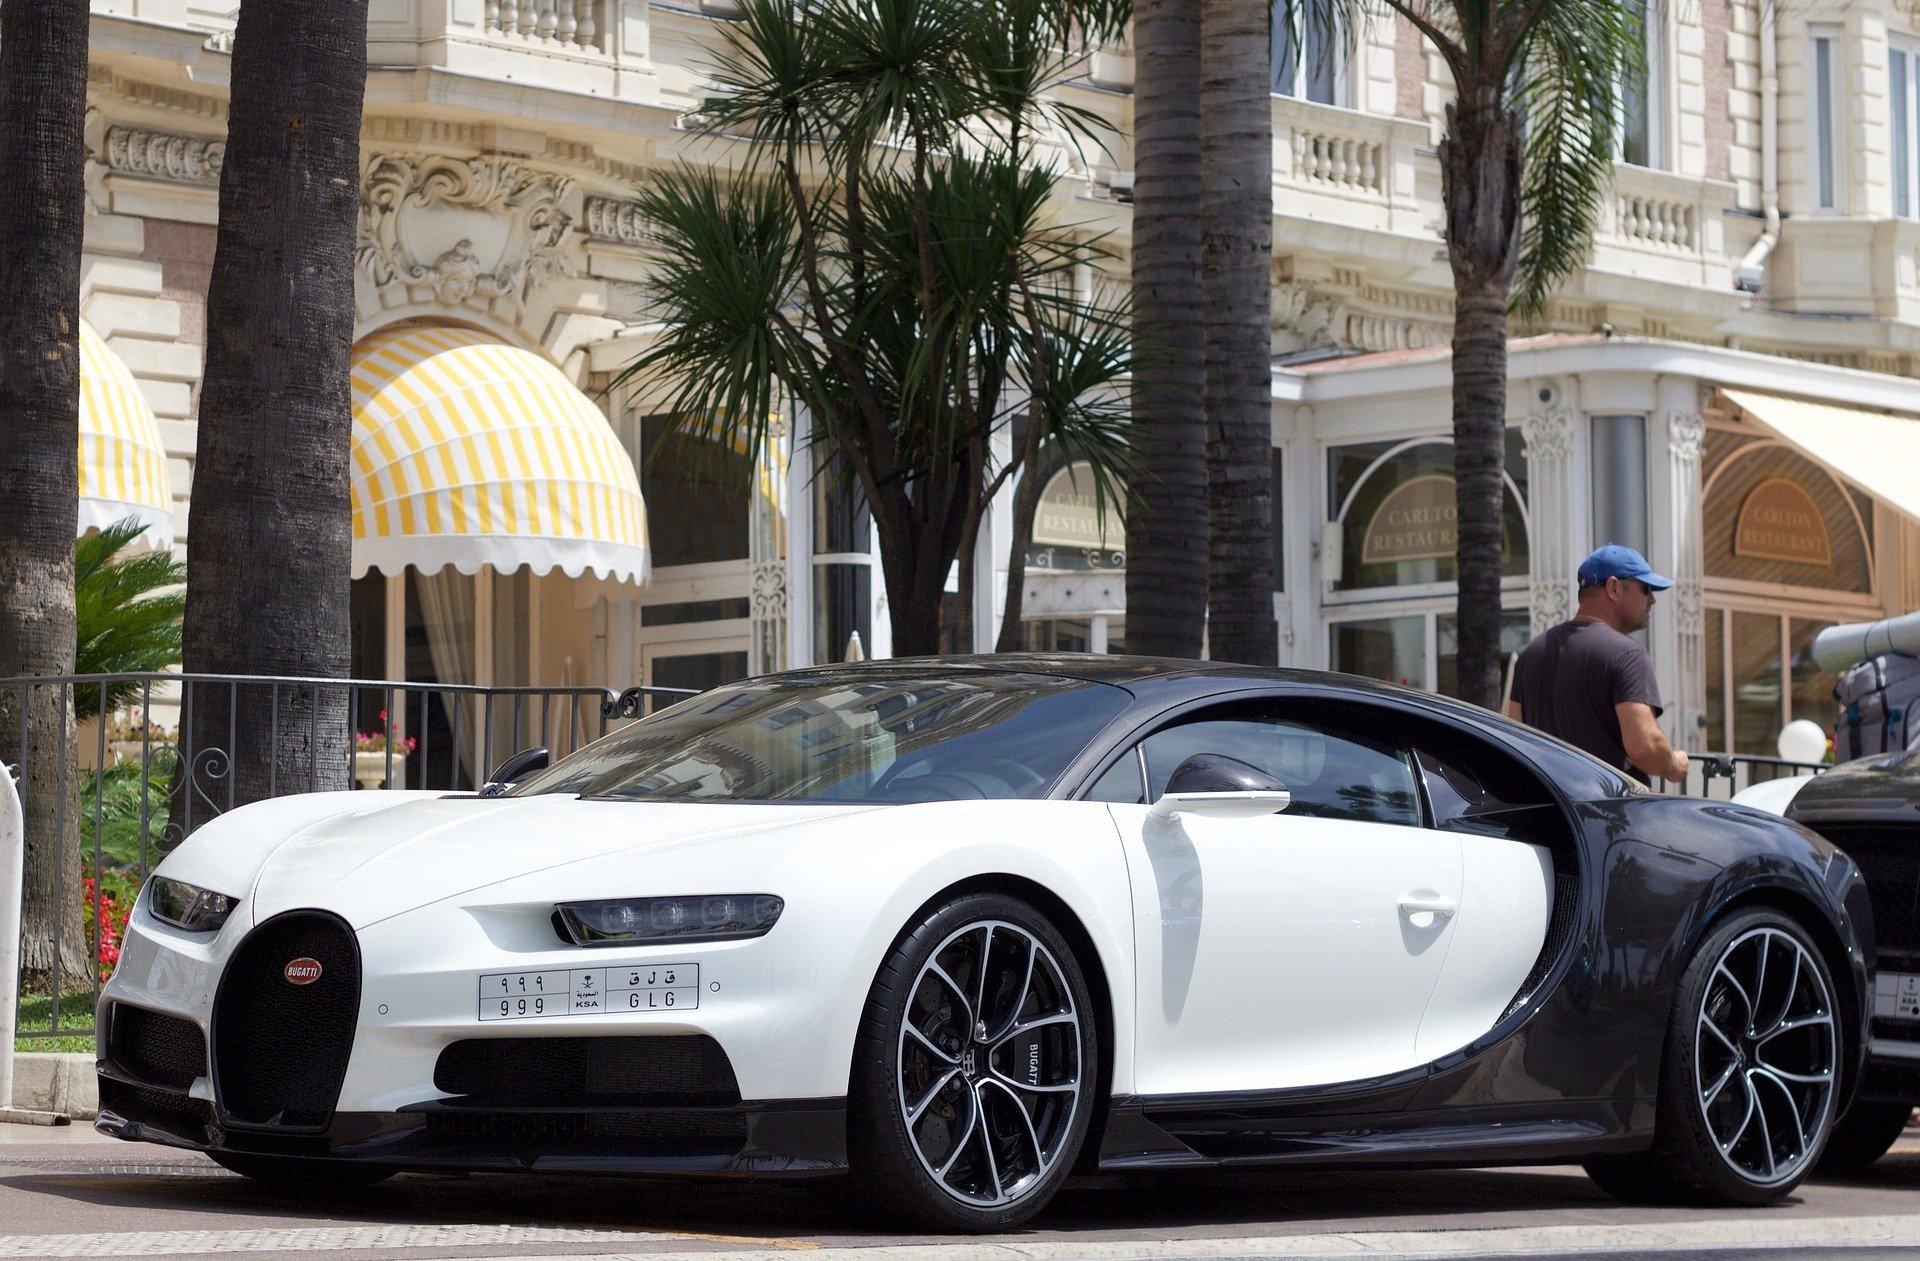 De leaseprijs van een Bugatti Chiron